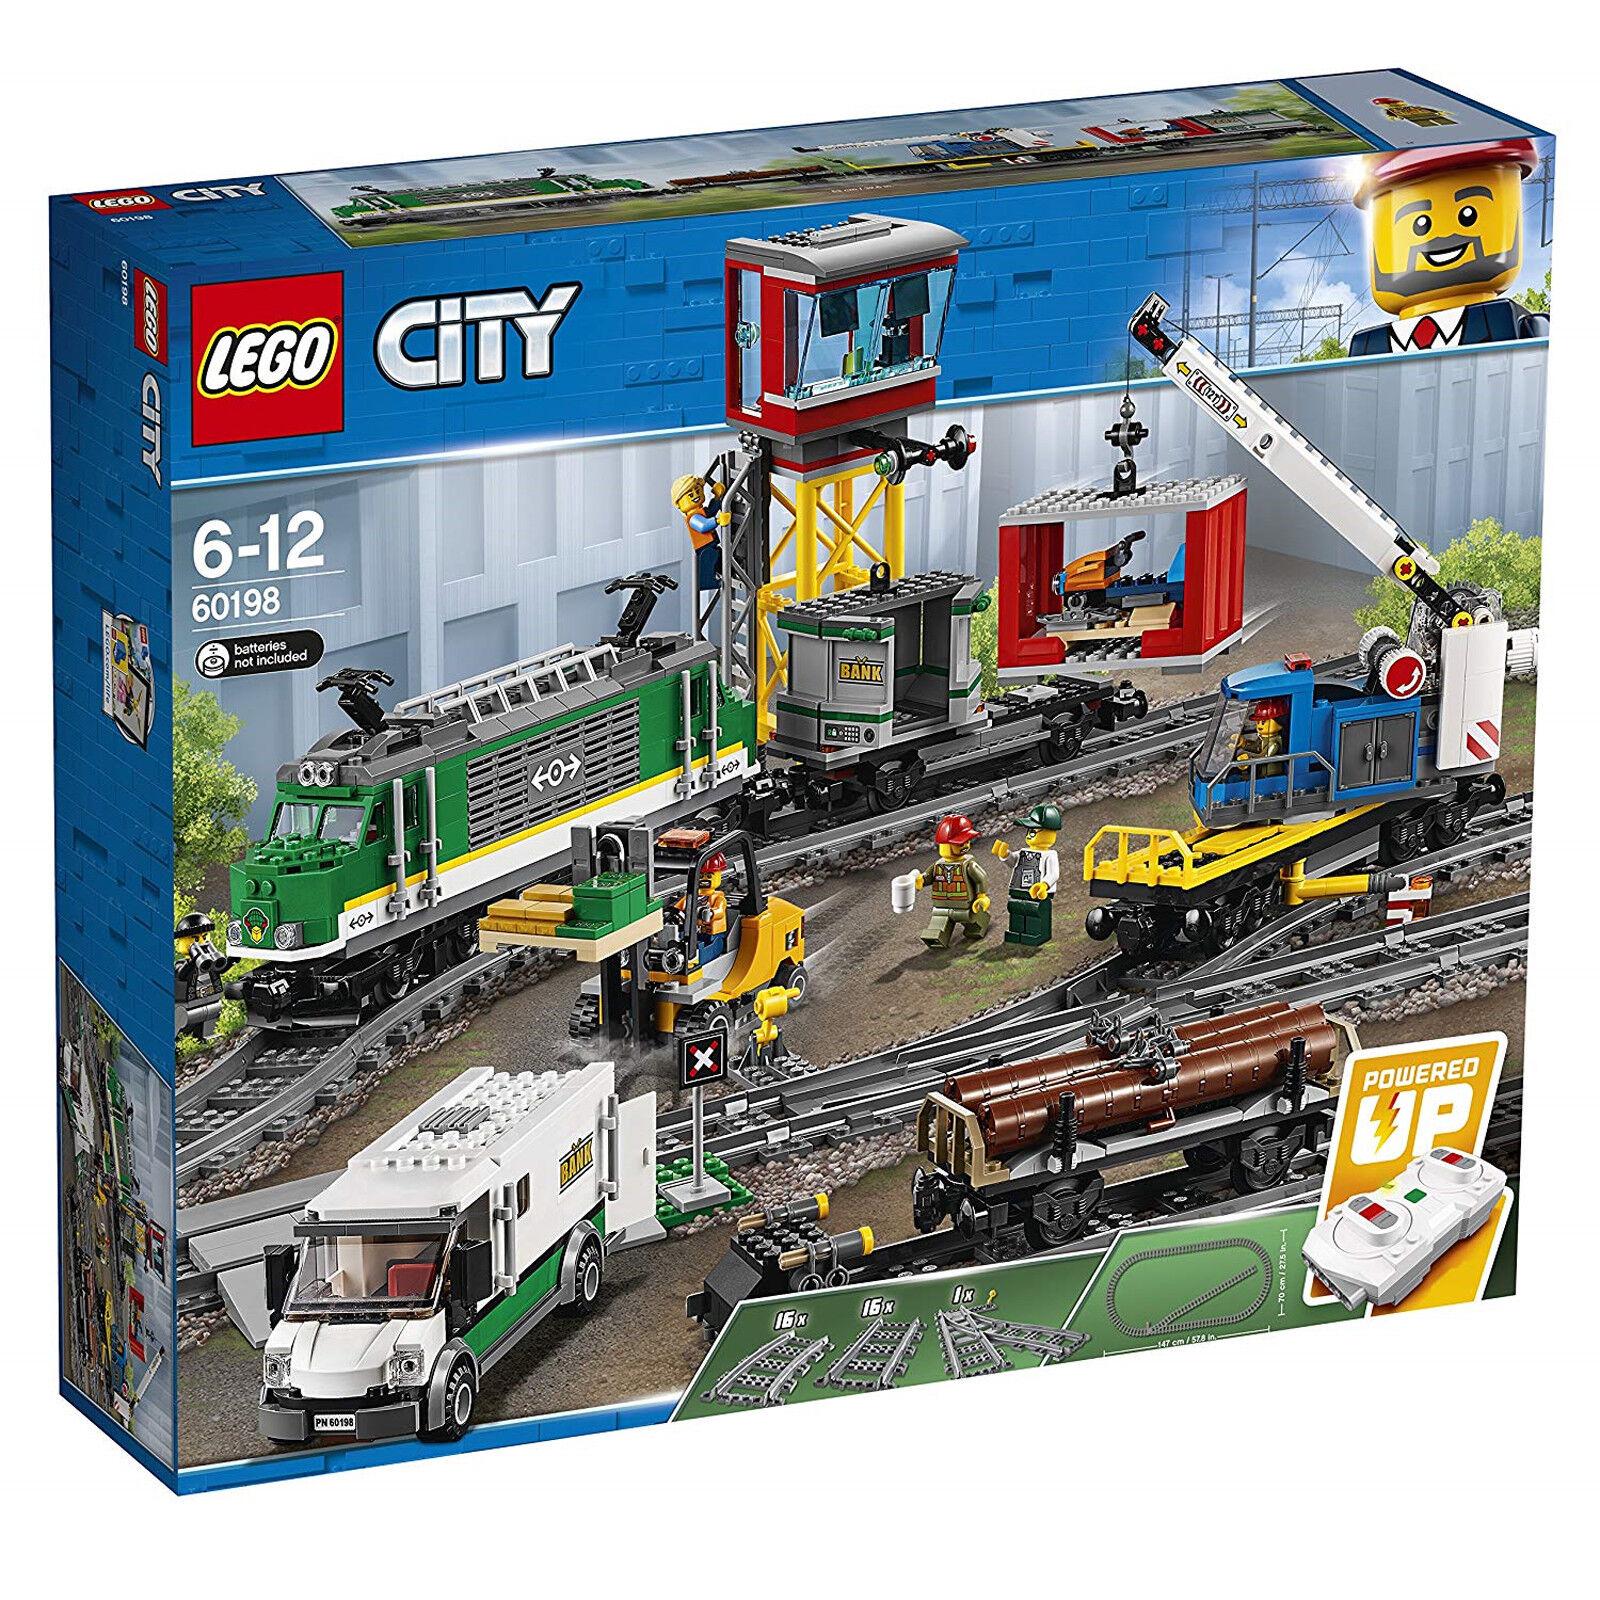 Nuevo Lego ciudad 60198 tren de carga